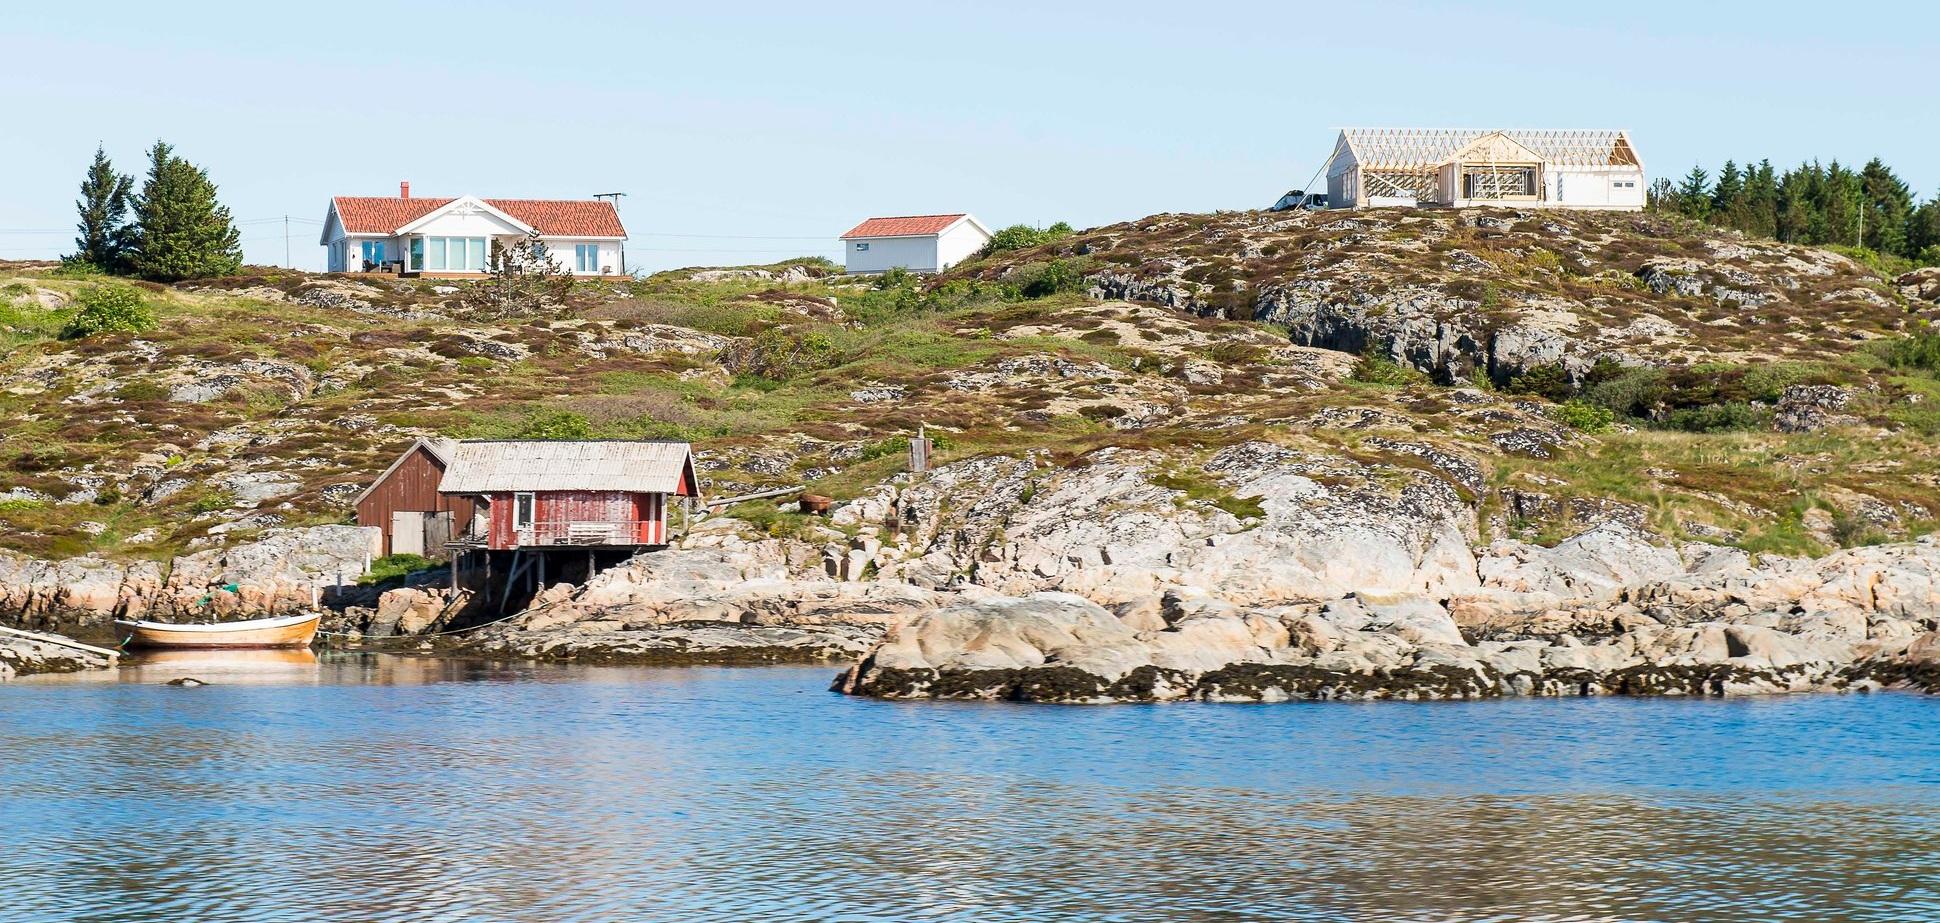 kystplan_hytter-8009129.jpg